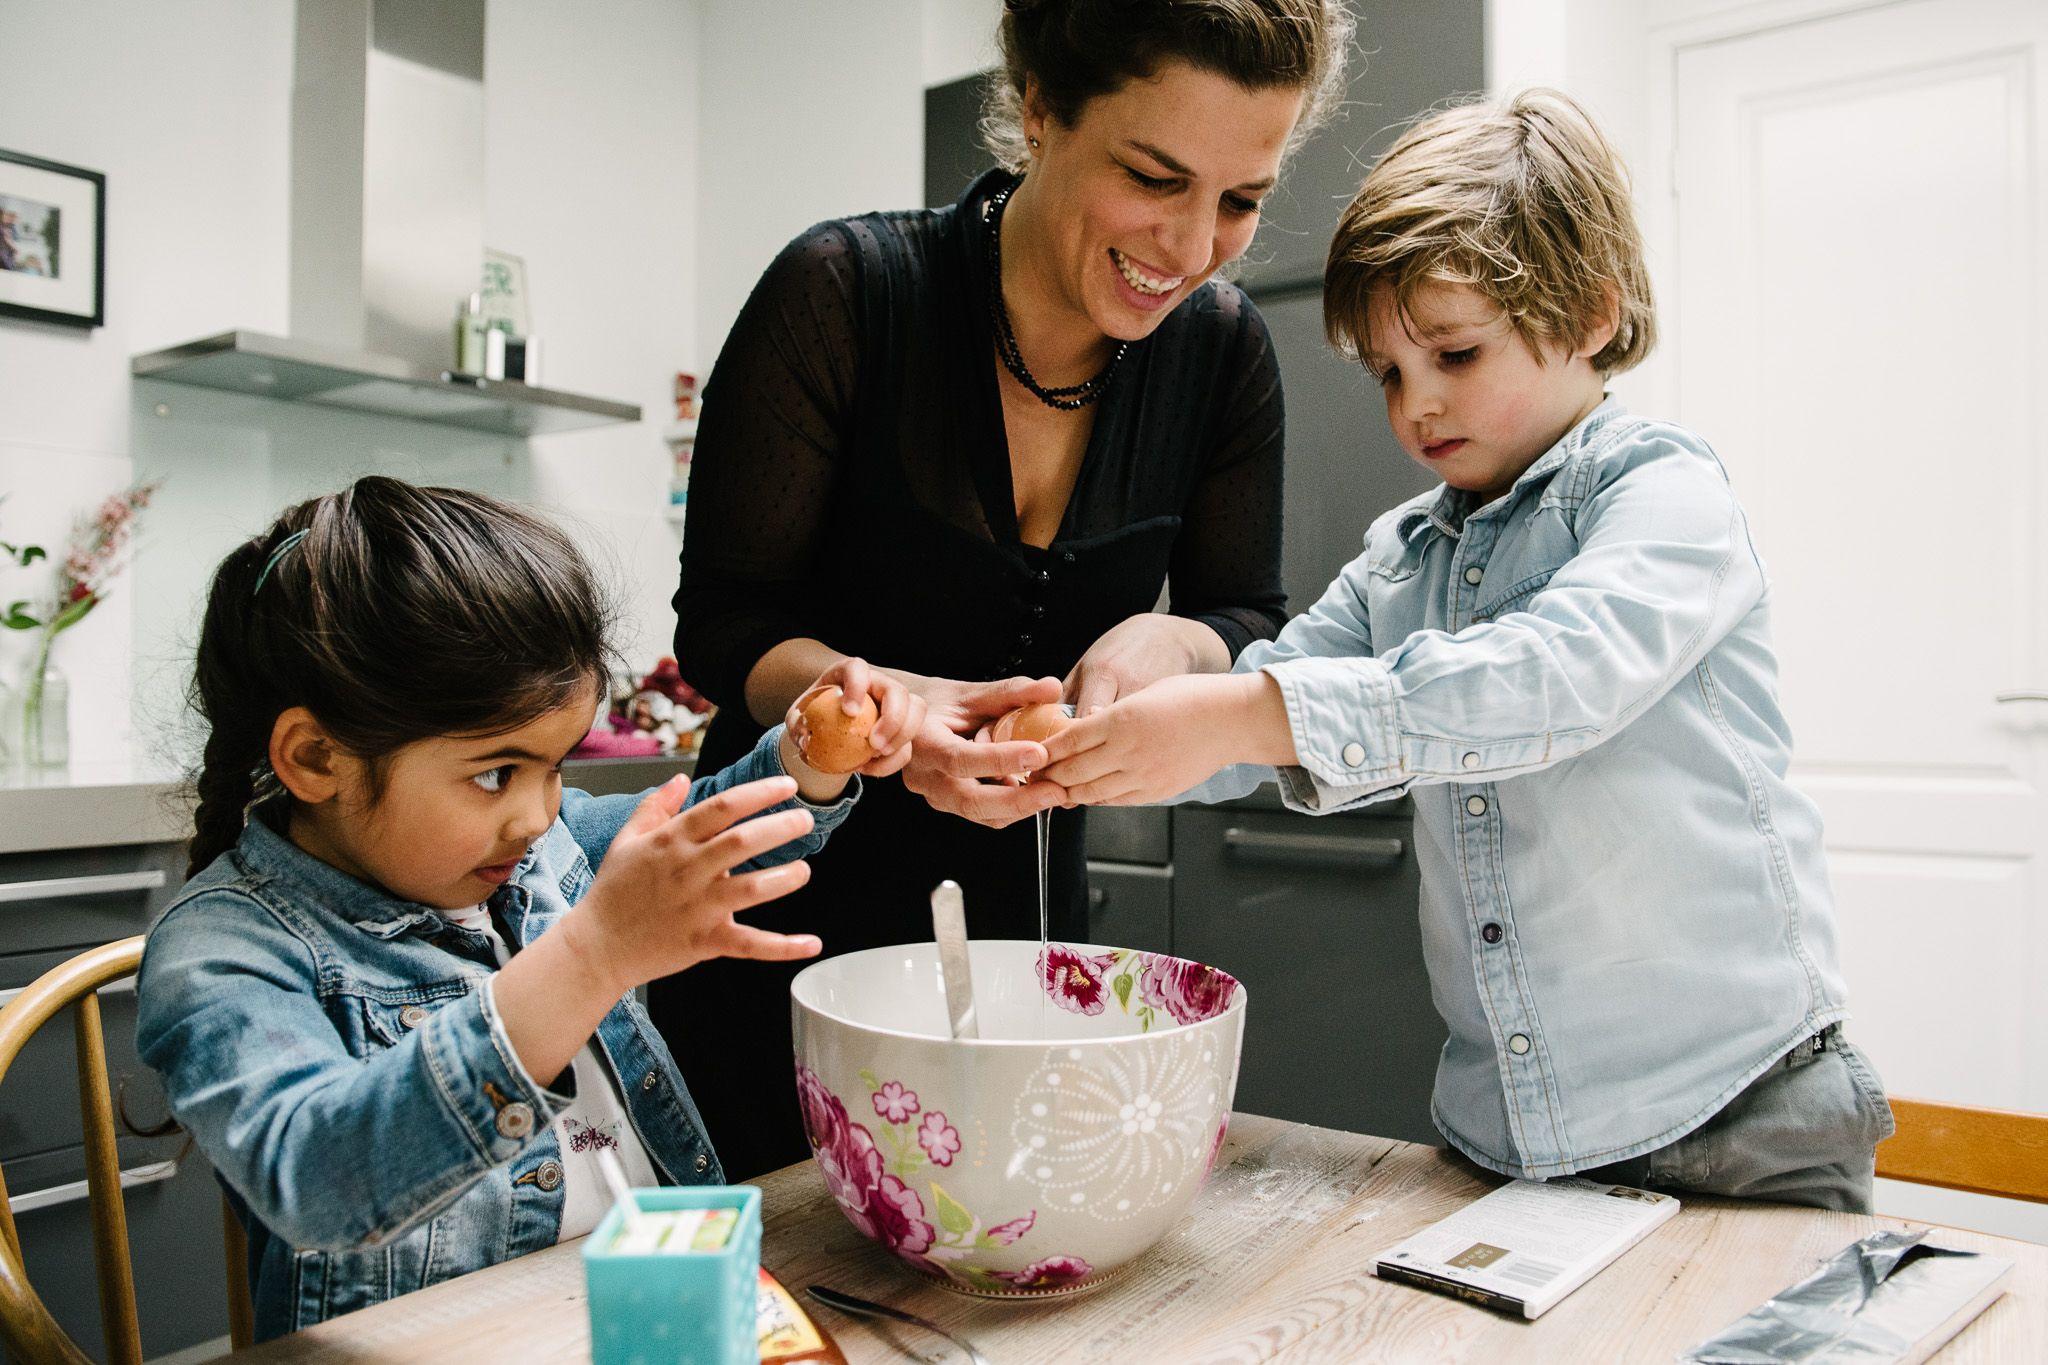 ongeposeerde familiefotografie kinderfotografie Den Bosch